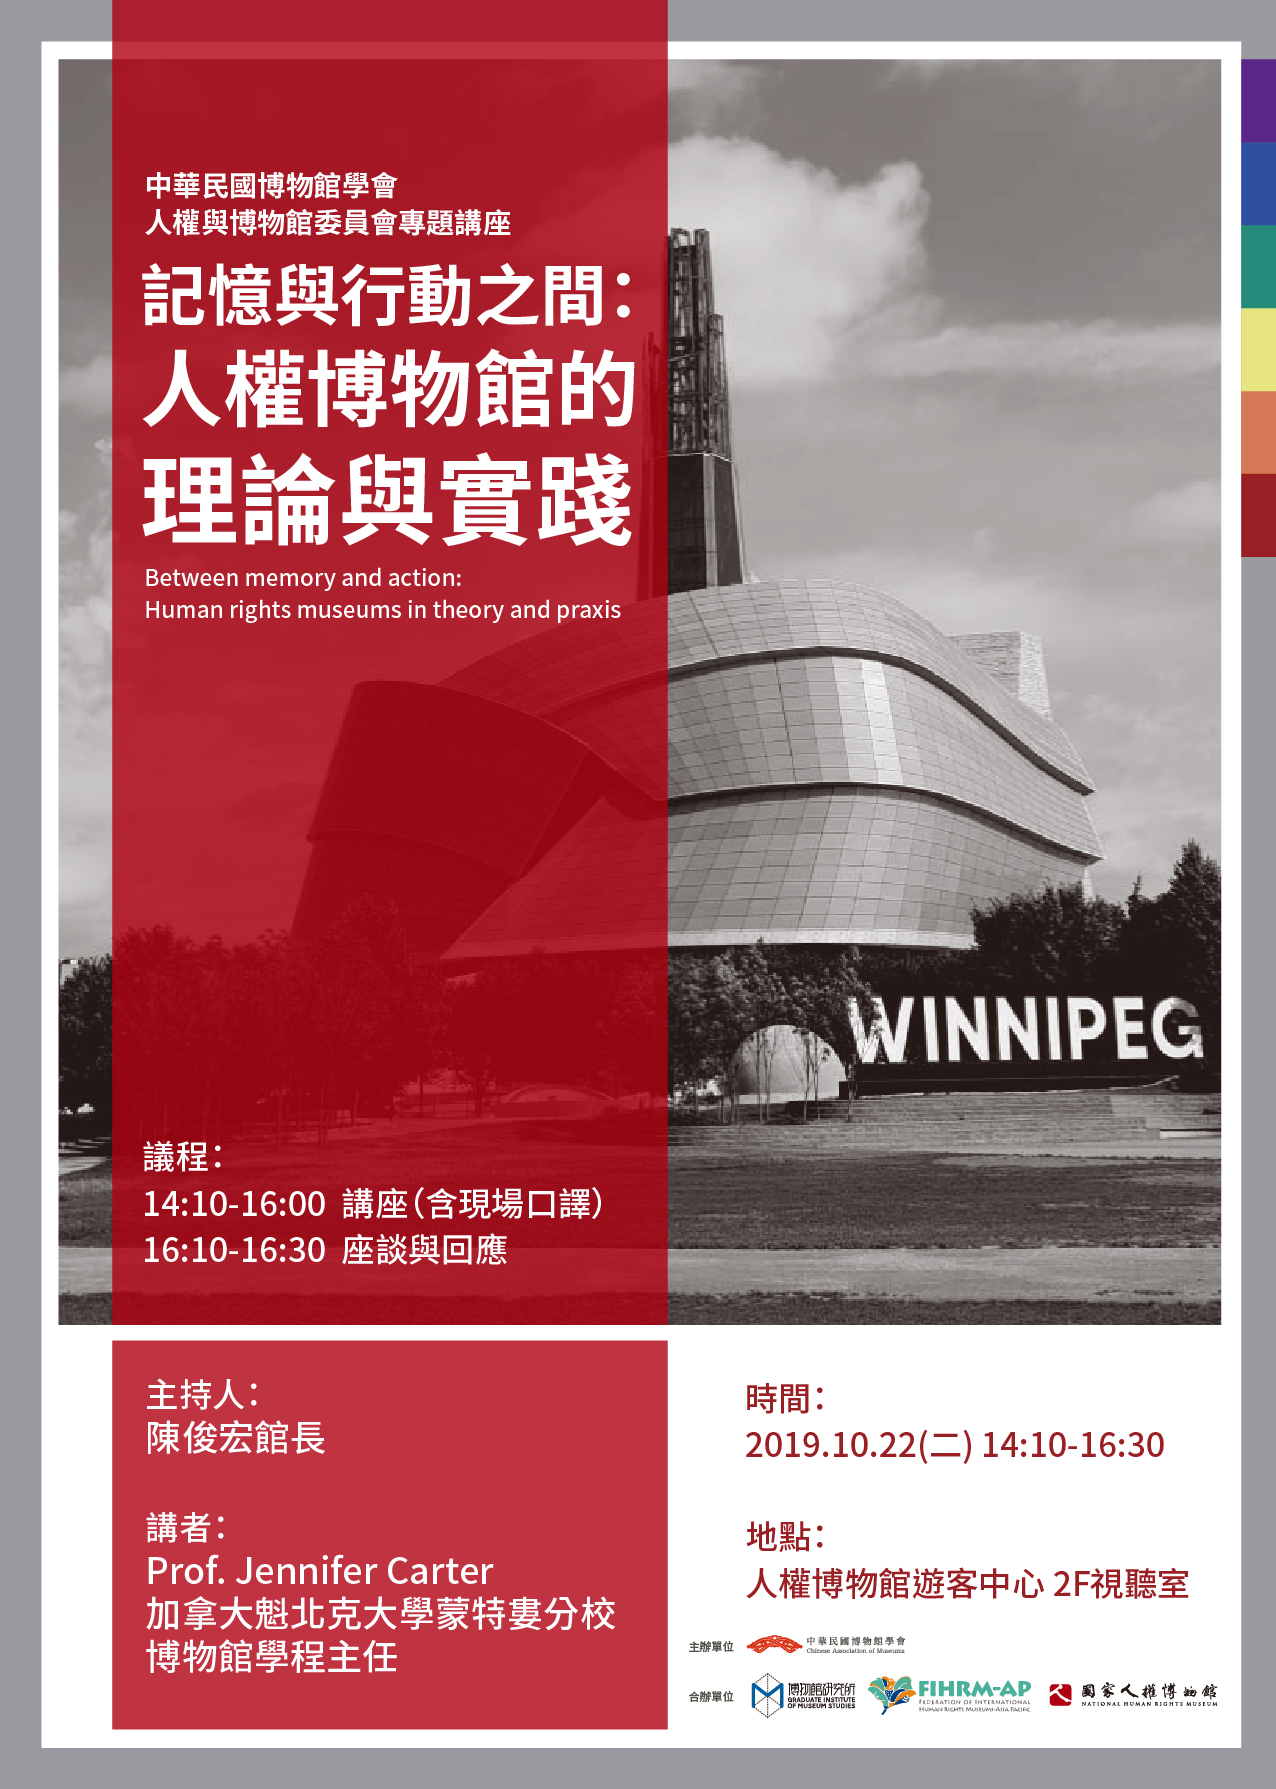 中華民國博物館學會人權與博物館委員會:2019/10/22【專題講座-記憶與行動之間:人權博物館的理論與實踐】